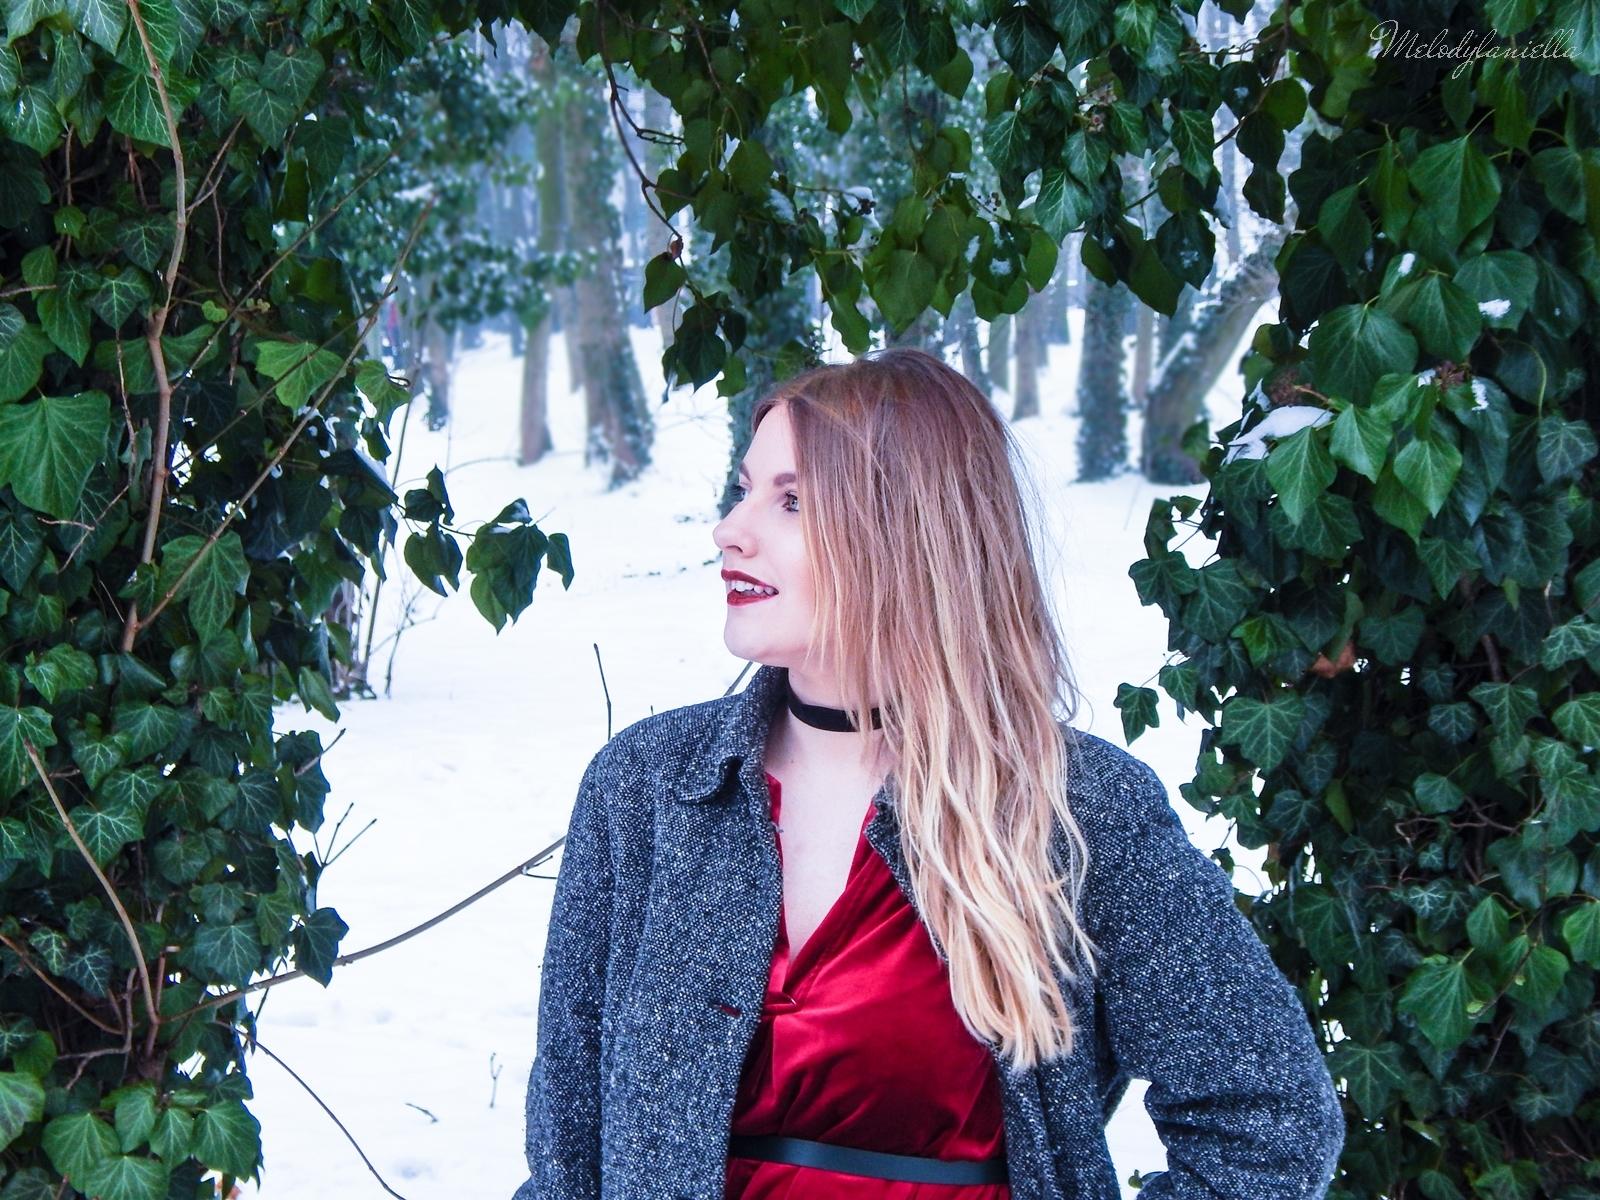 002a torebka manzana czarna czerwona aksamitna  sukienka zaful choker sammydress girl fashion zimowy lookbook stylizacja melodylaniella rajstopy veera pończochy fashion moda szary płaszcz